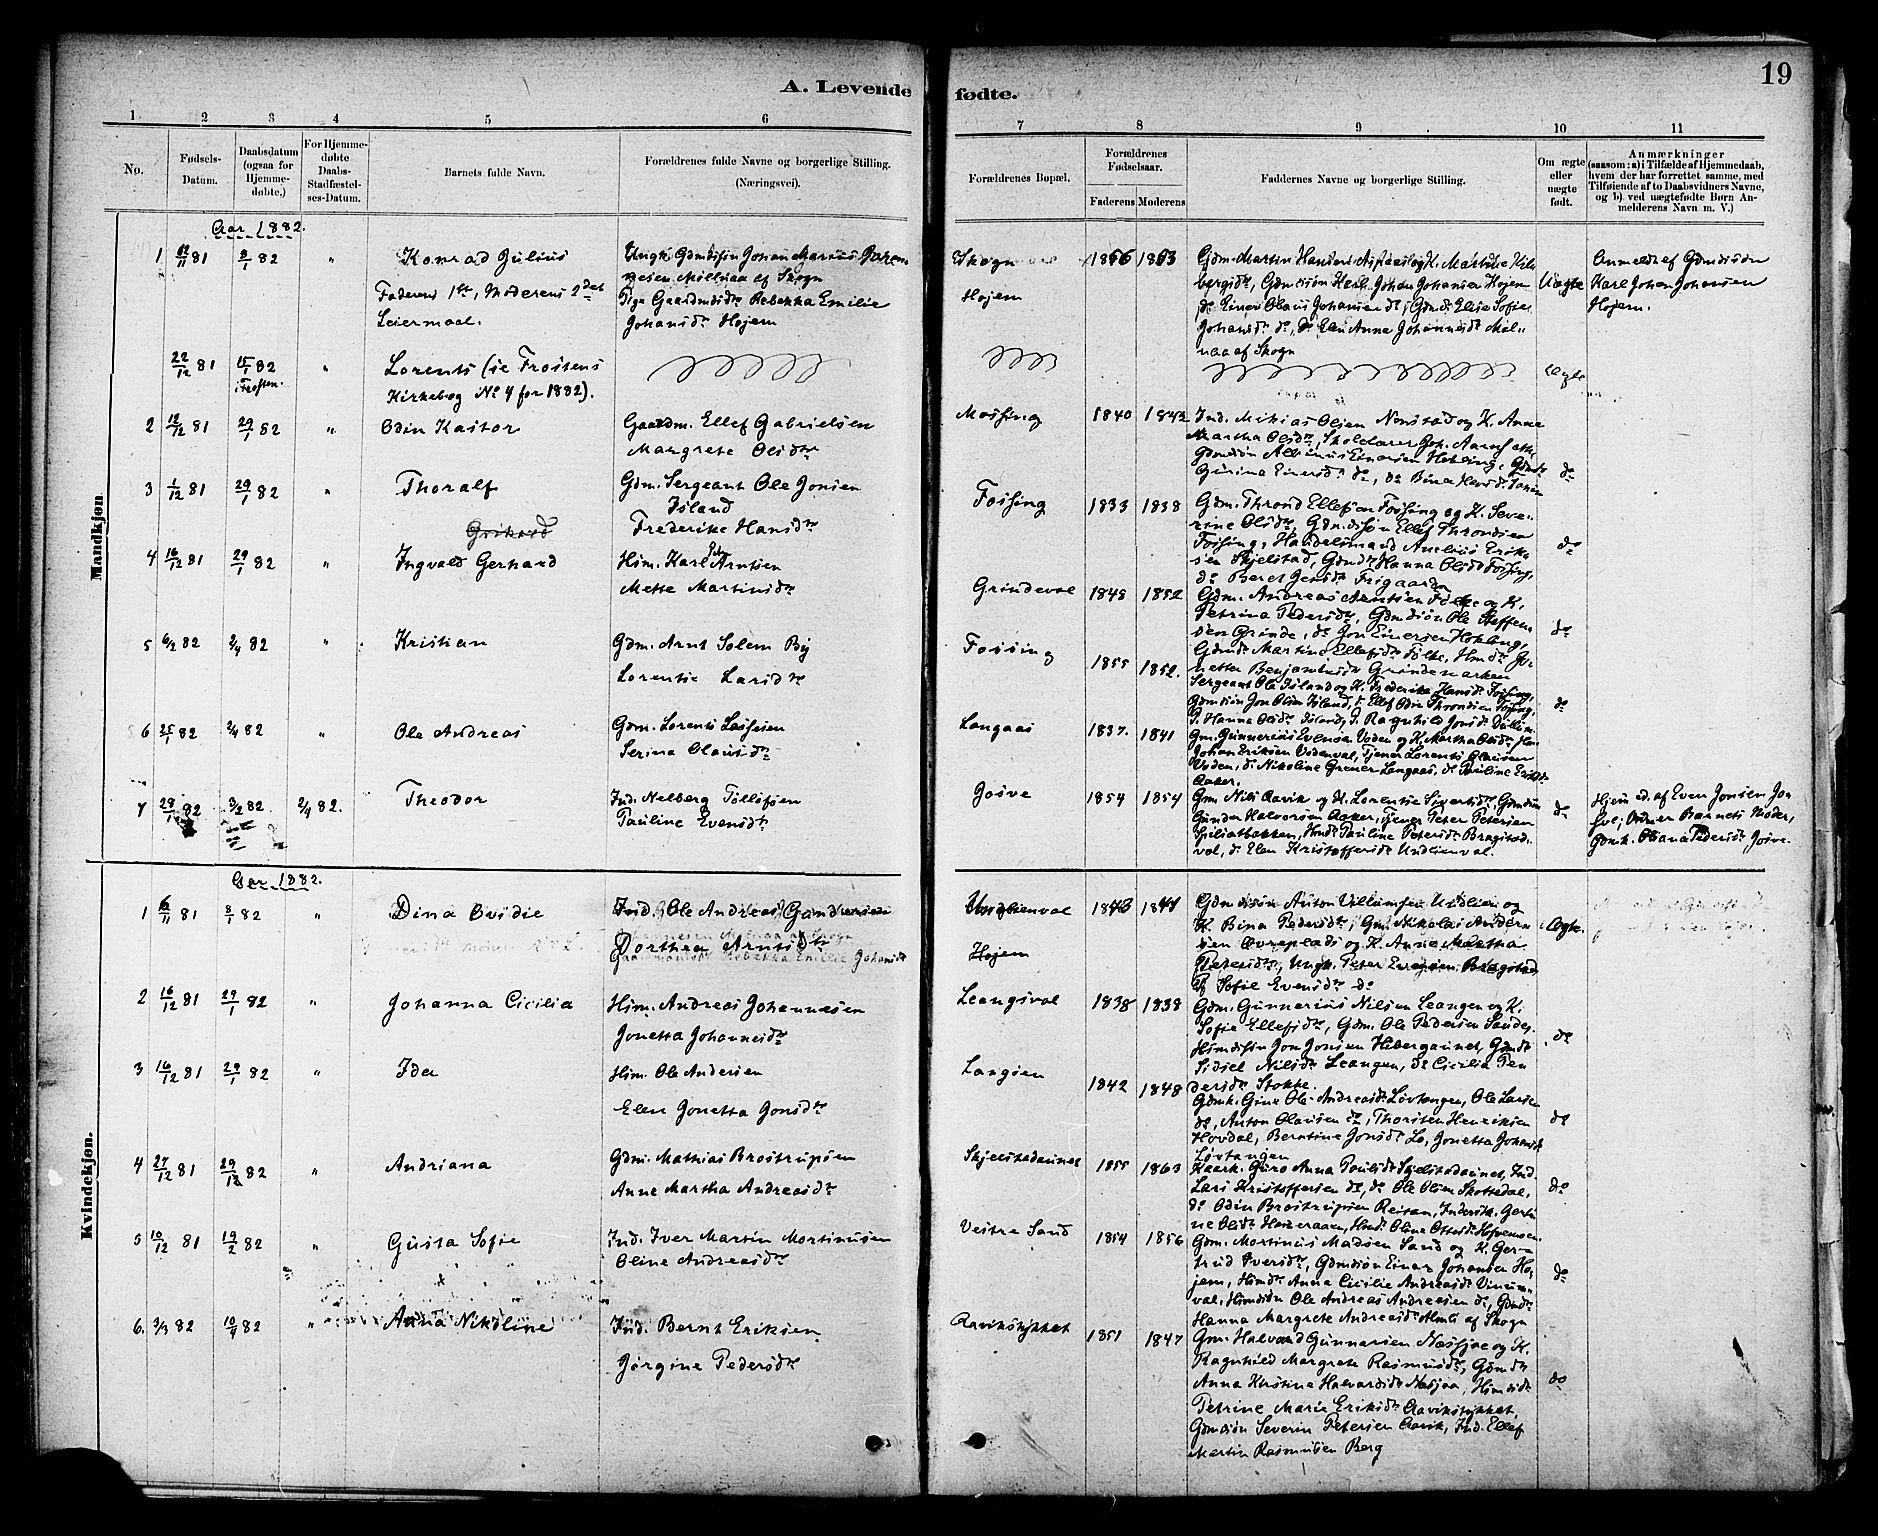 SAT, Ministerialprotokoller, klokkerbøker og fødselsregistre - Nord-Trøndelag, 714/L0130: Ministerialbok nr. 714A01, 1878-1895, s. 19